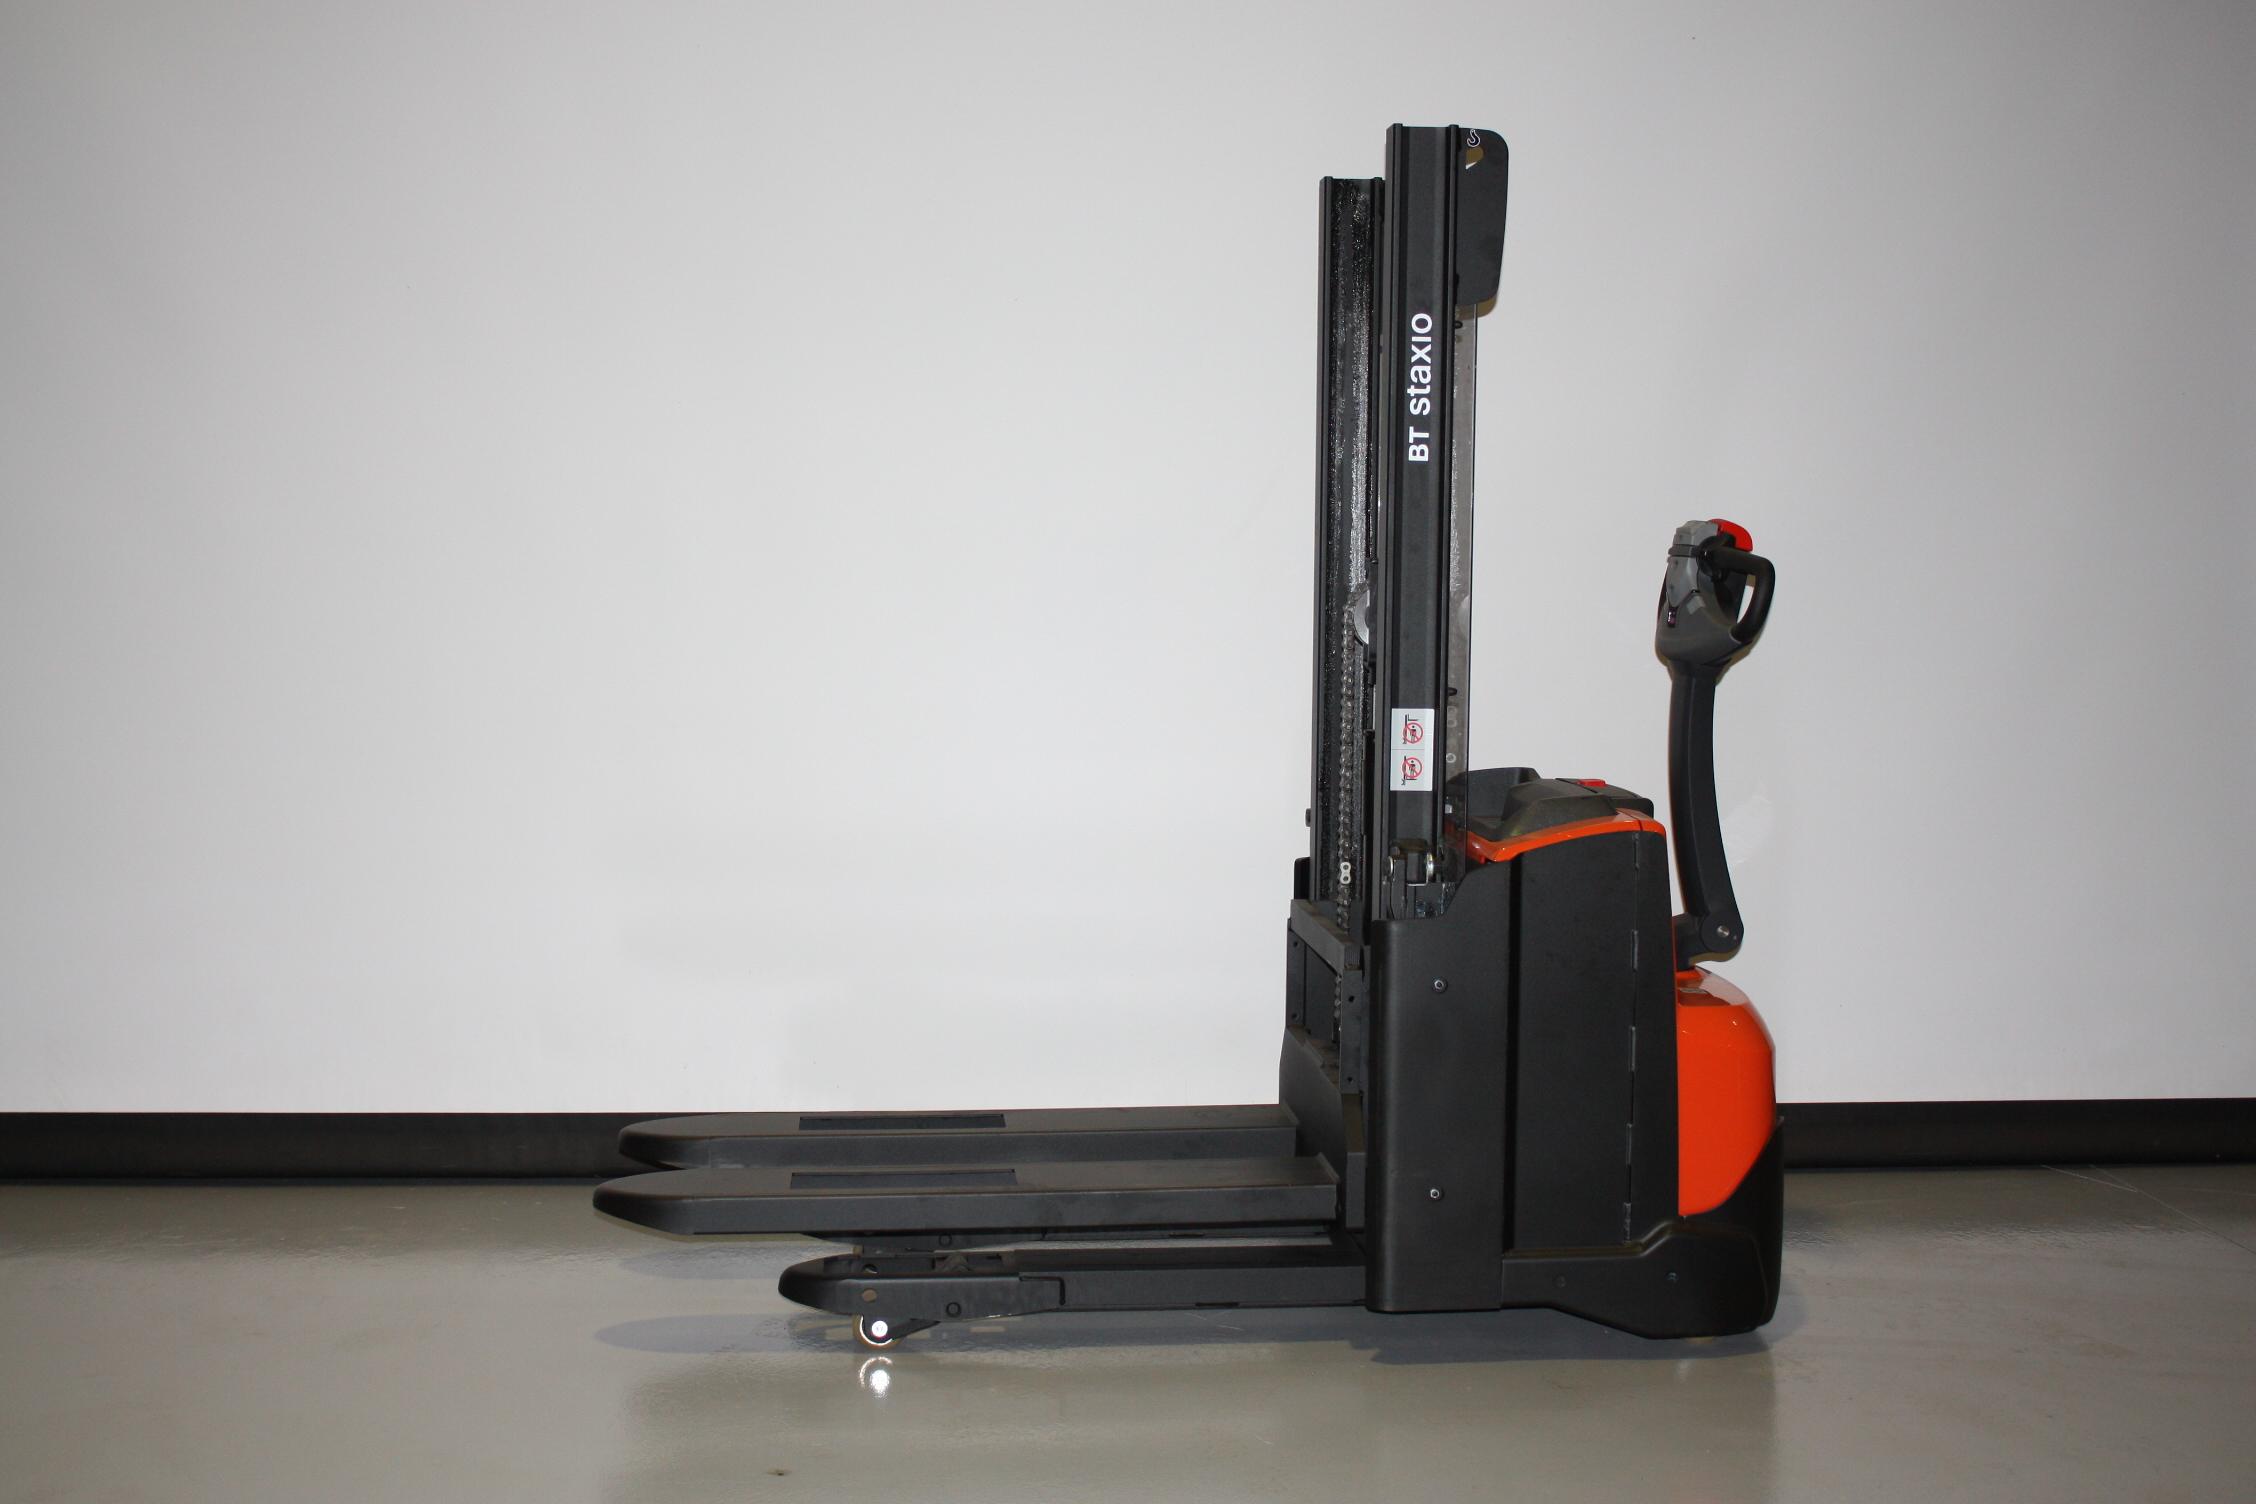 Toyota-Gabelstapler-59840 2009012280 1 2